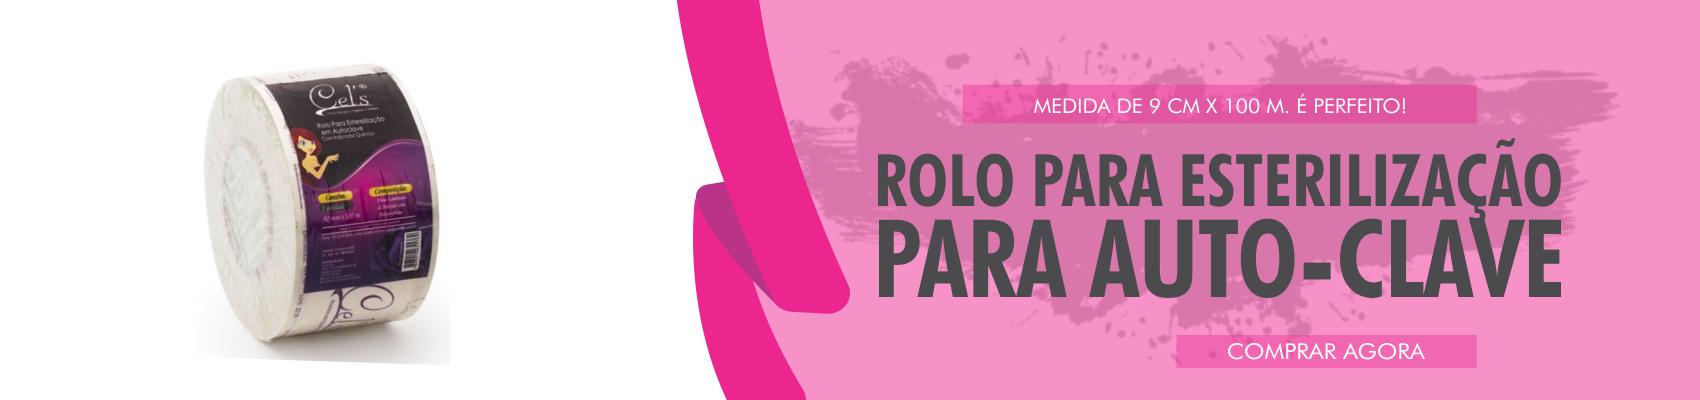 ROLO PARA ESTERILIZAÇÃO EM AUTOCLAVE - 0,9 M x 100 M